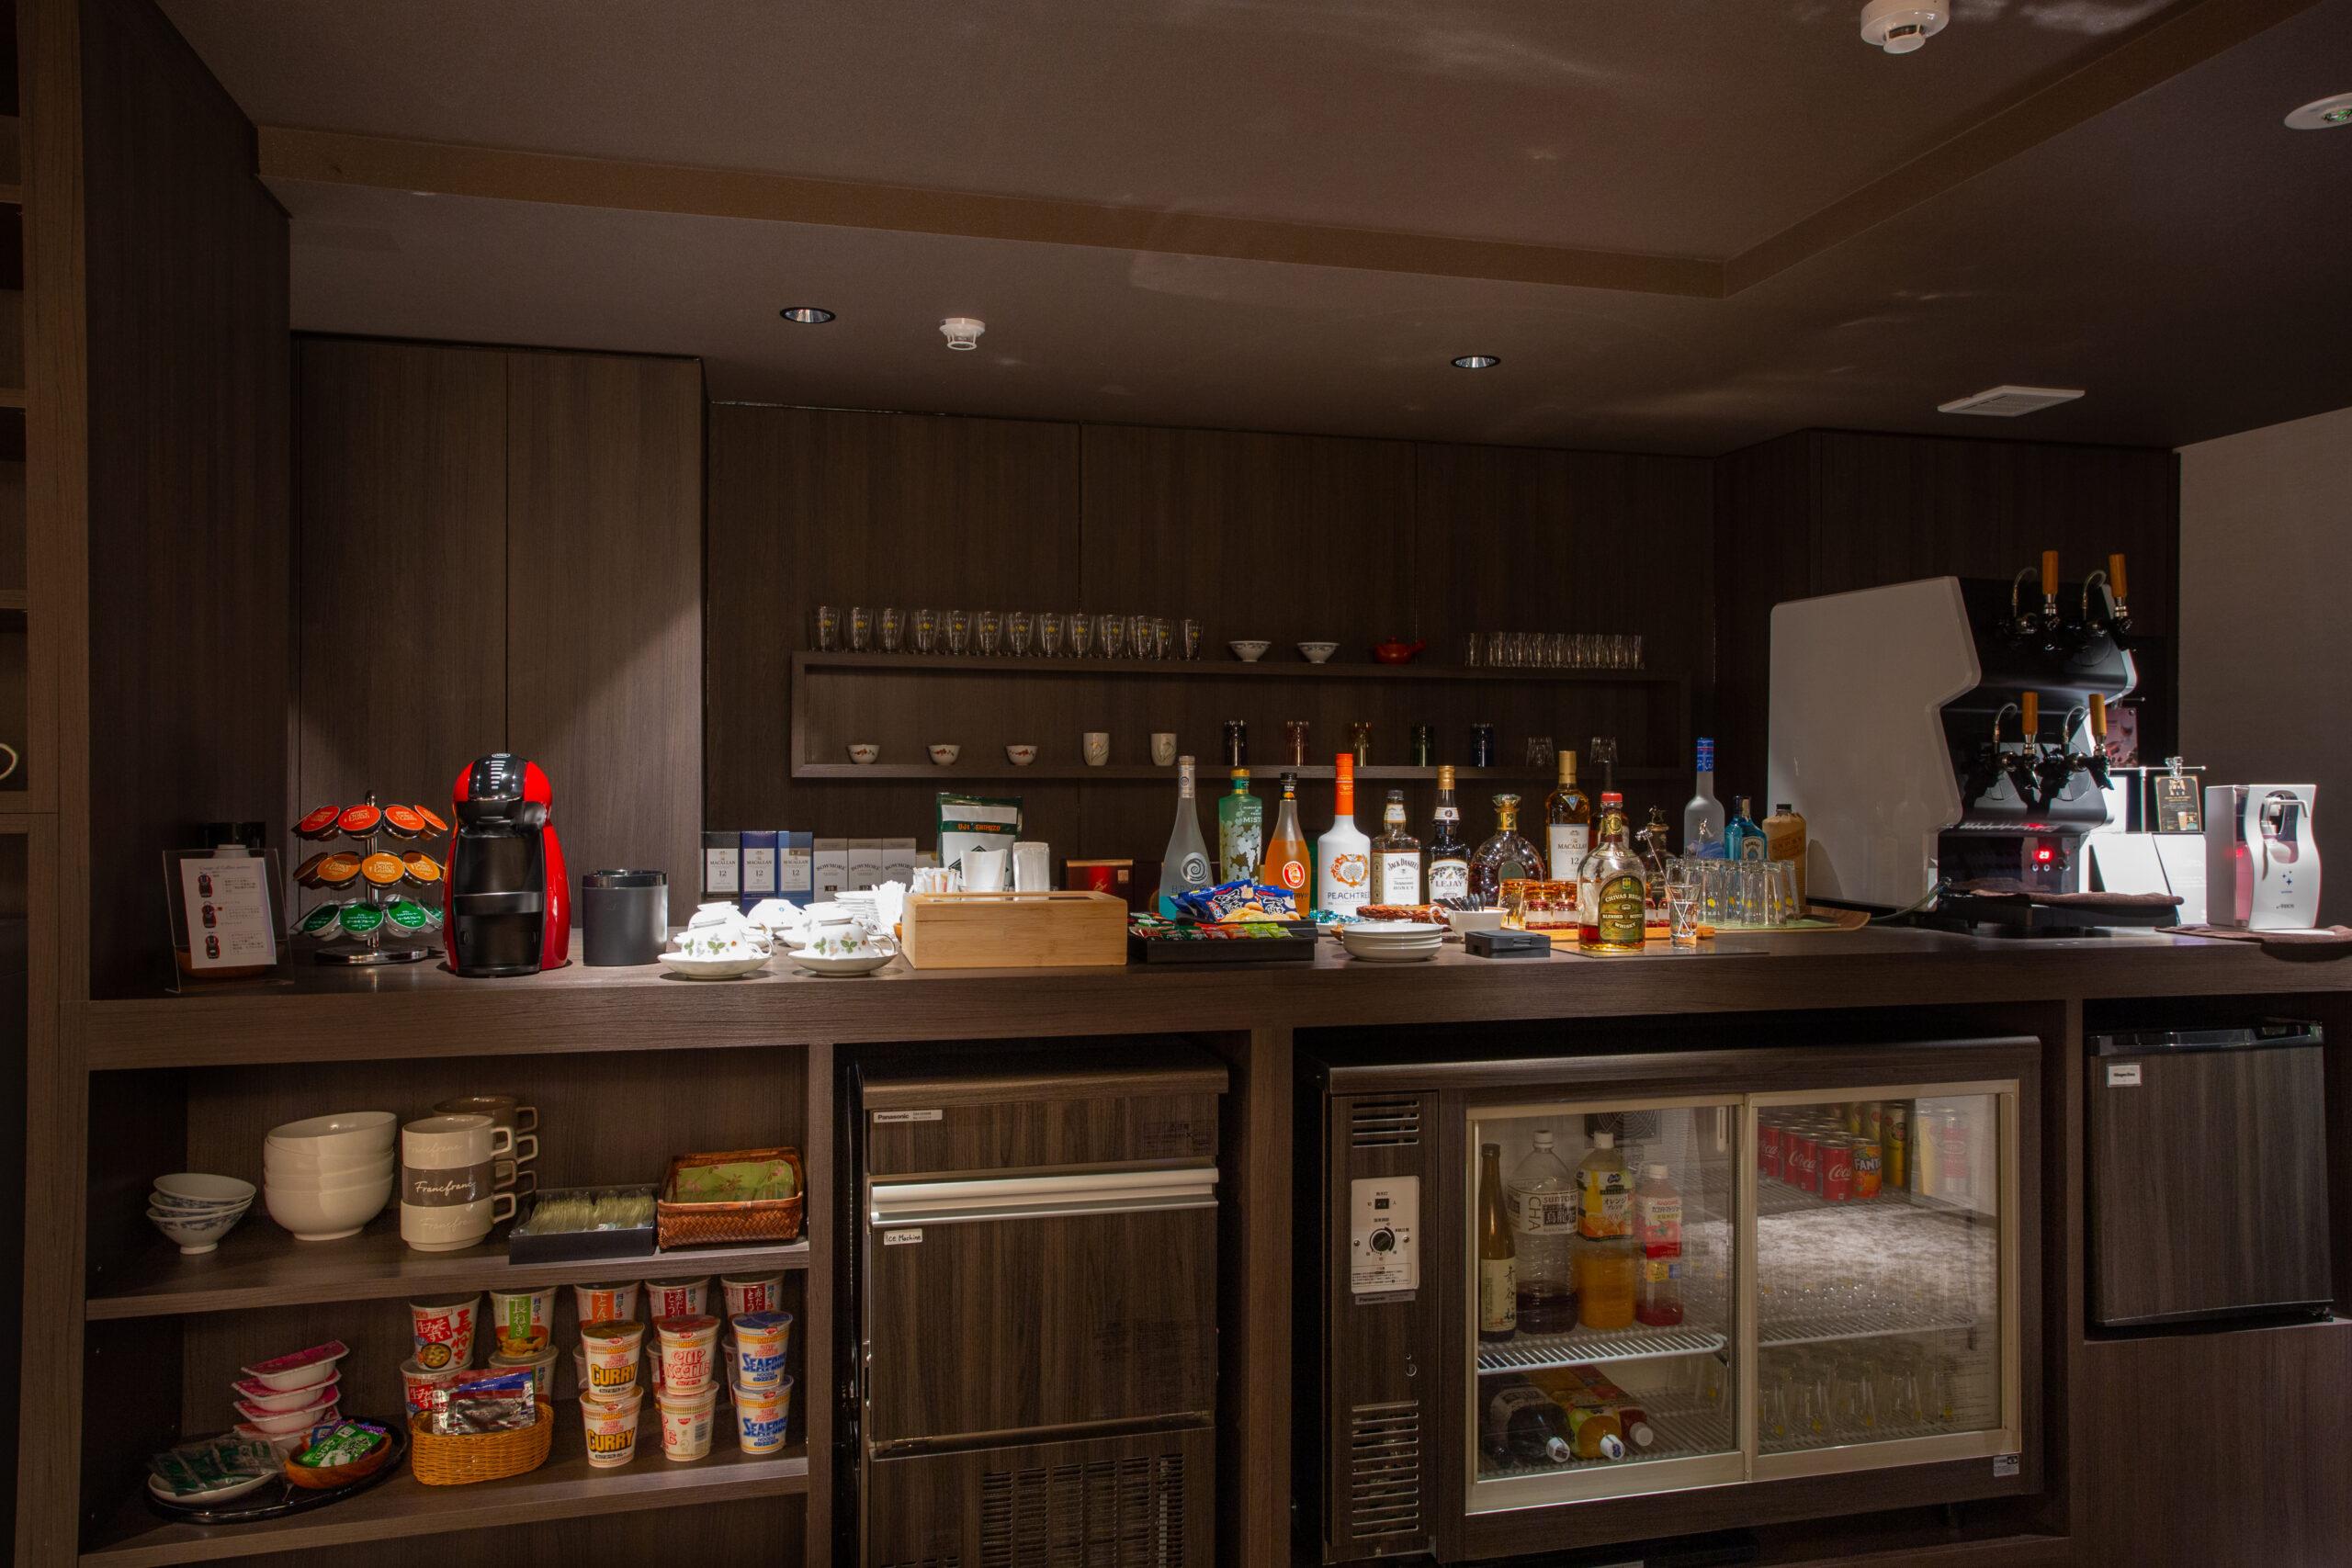 バータイムにはお酒好きな方にも満足頂けるラインナップのアルコール類がならびます。クラフトビール4種類は24時間ご提供しています。